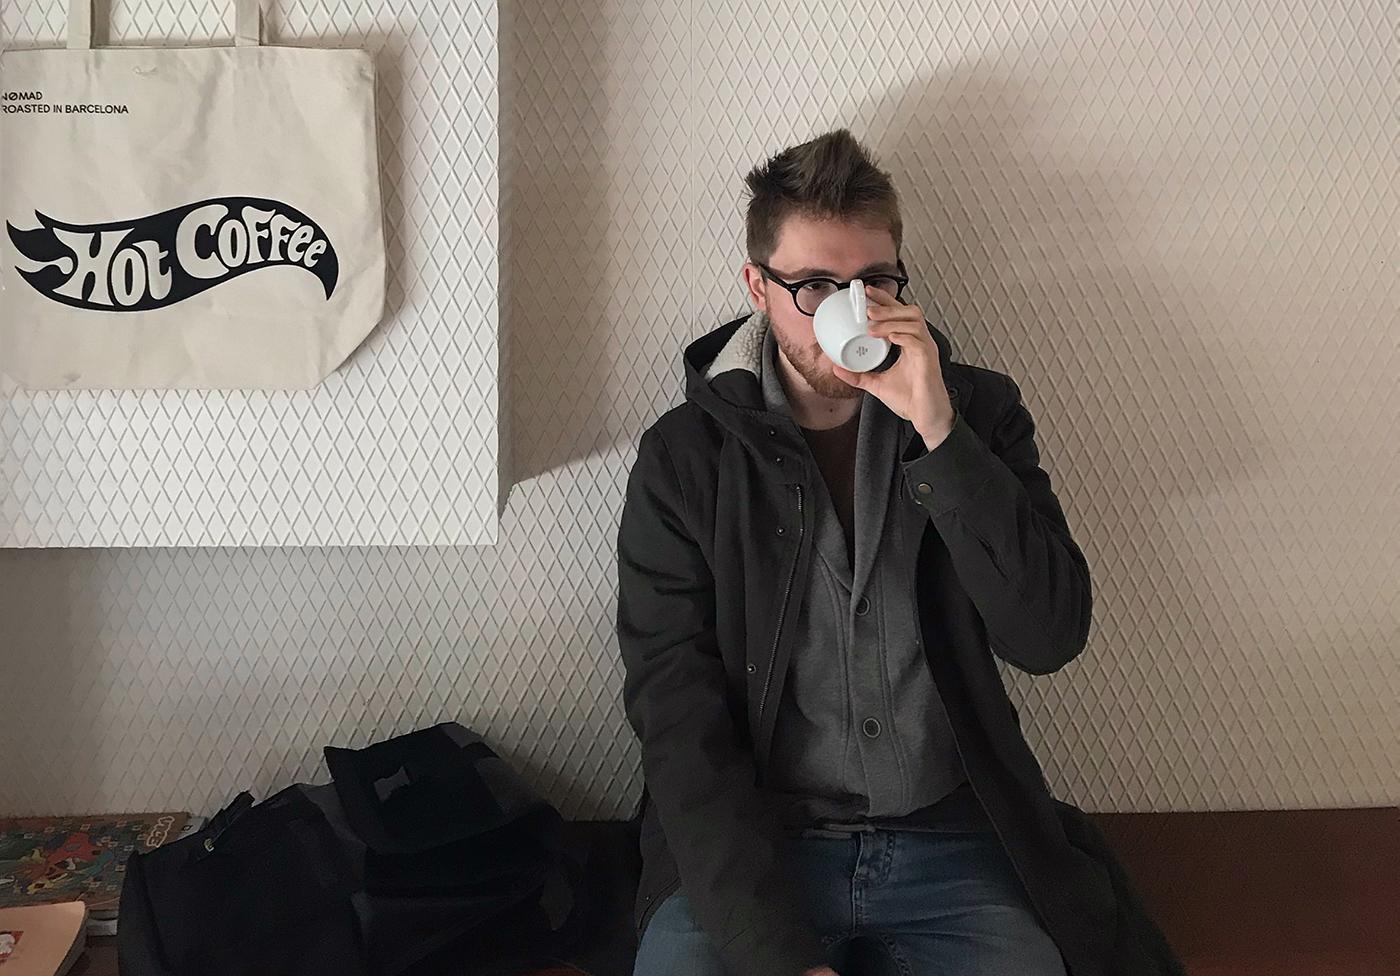 ☕ «Профільне медіа можна будувати виключно на базі органічної аудиторії», — Ярослав Друзюк, Blackfield Coffee